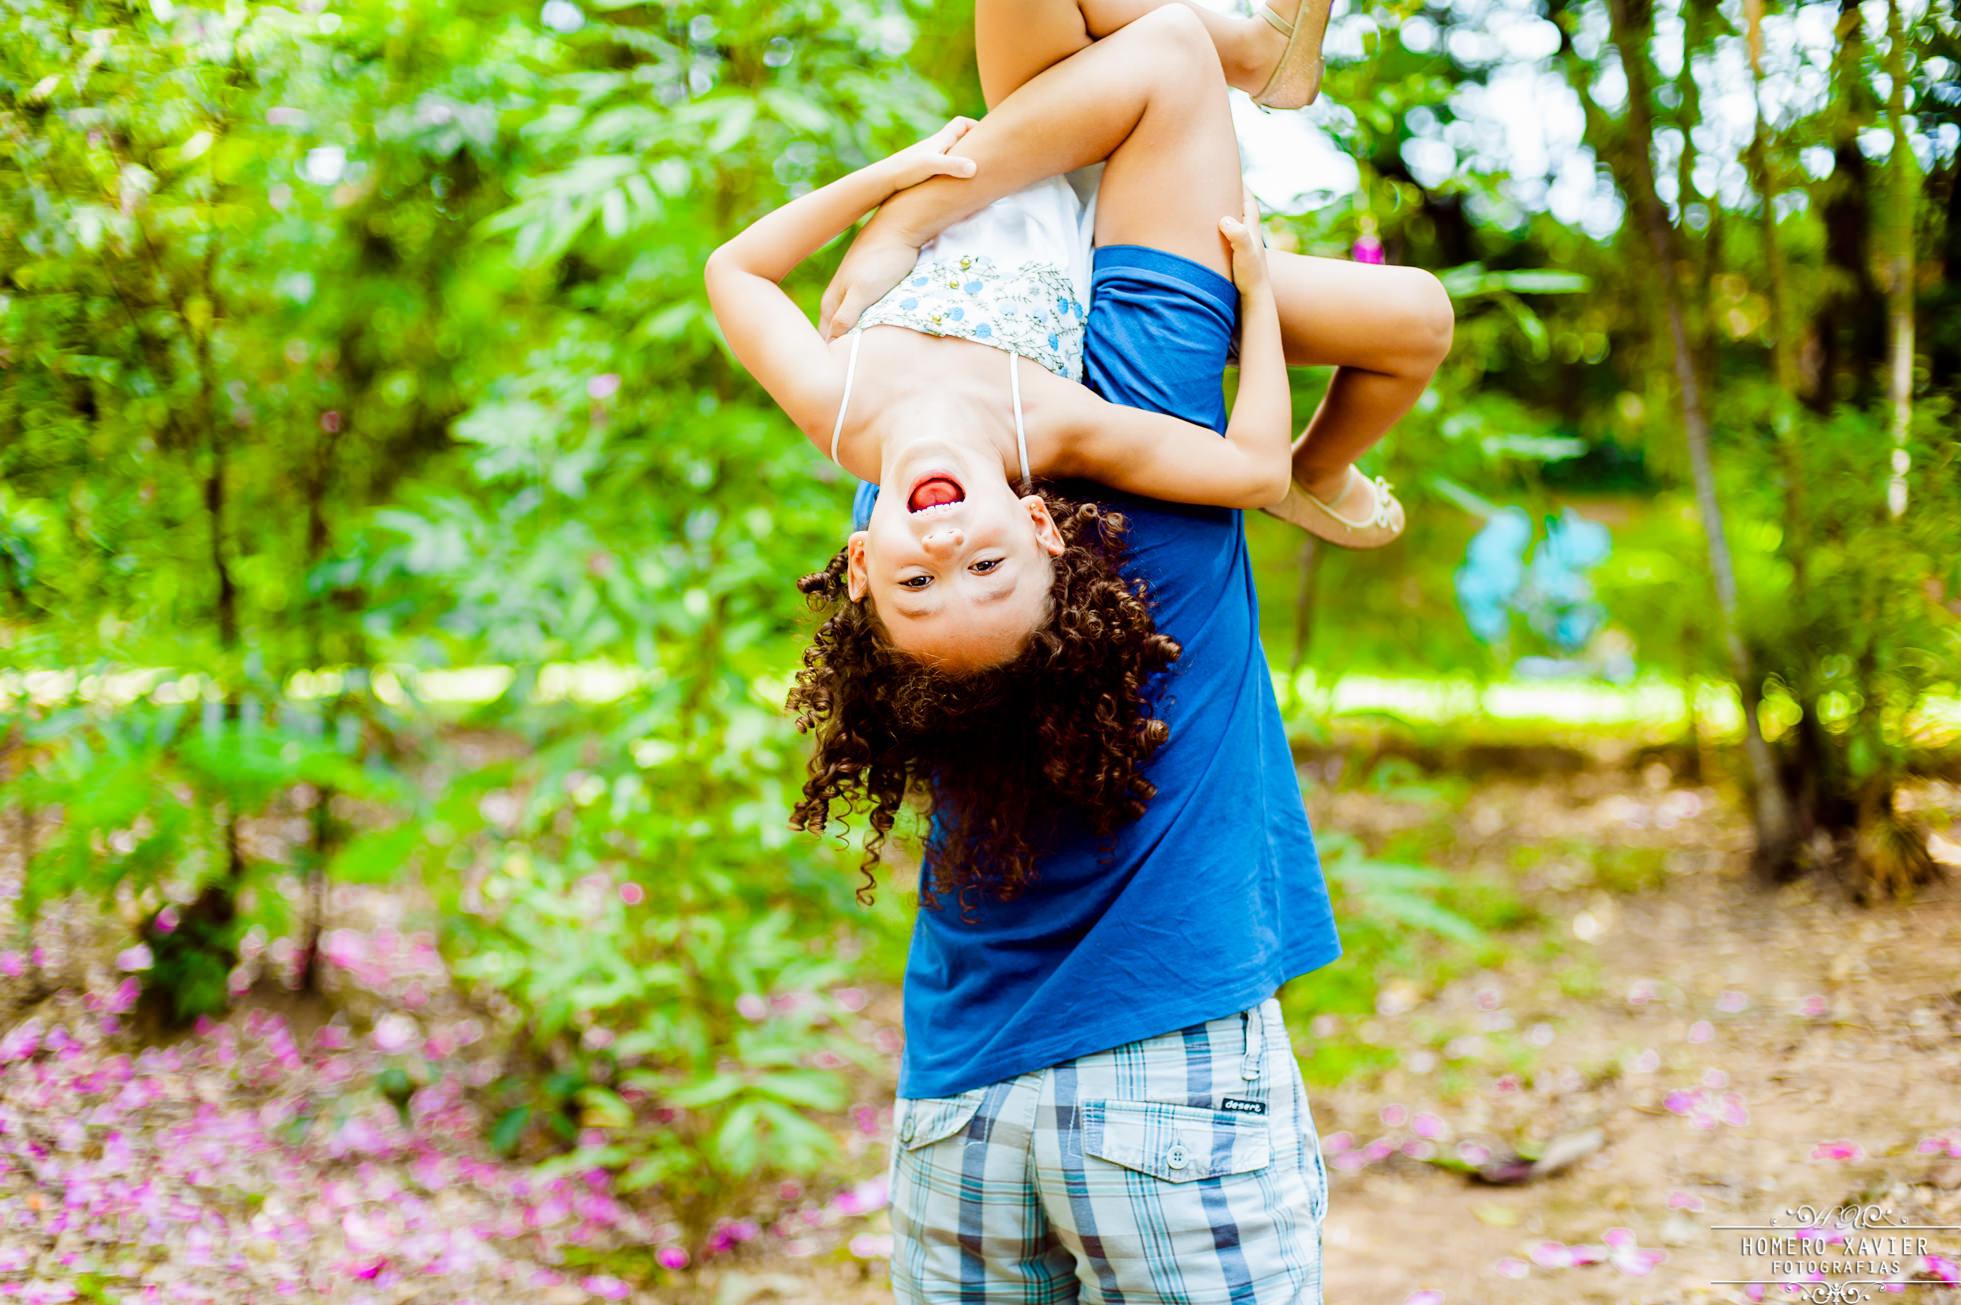 fotografia book infantil externo em parque em BH